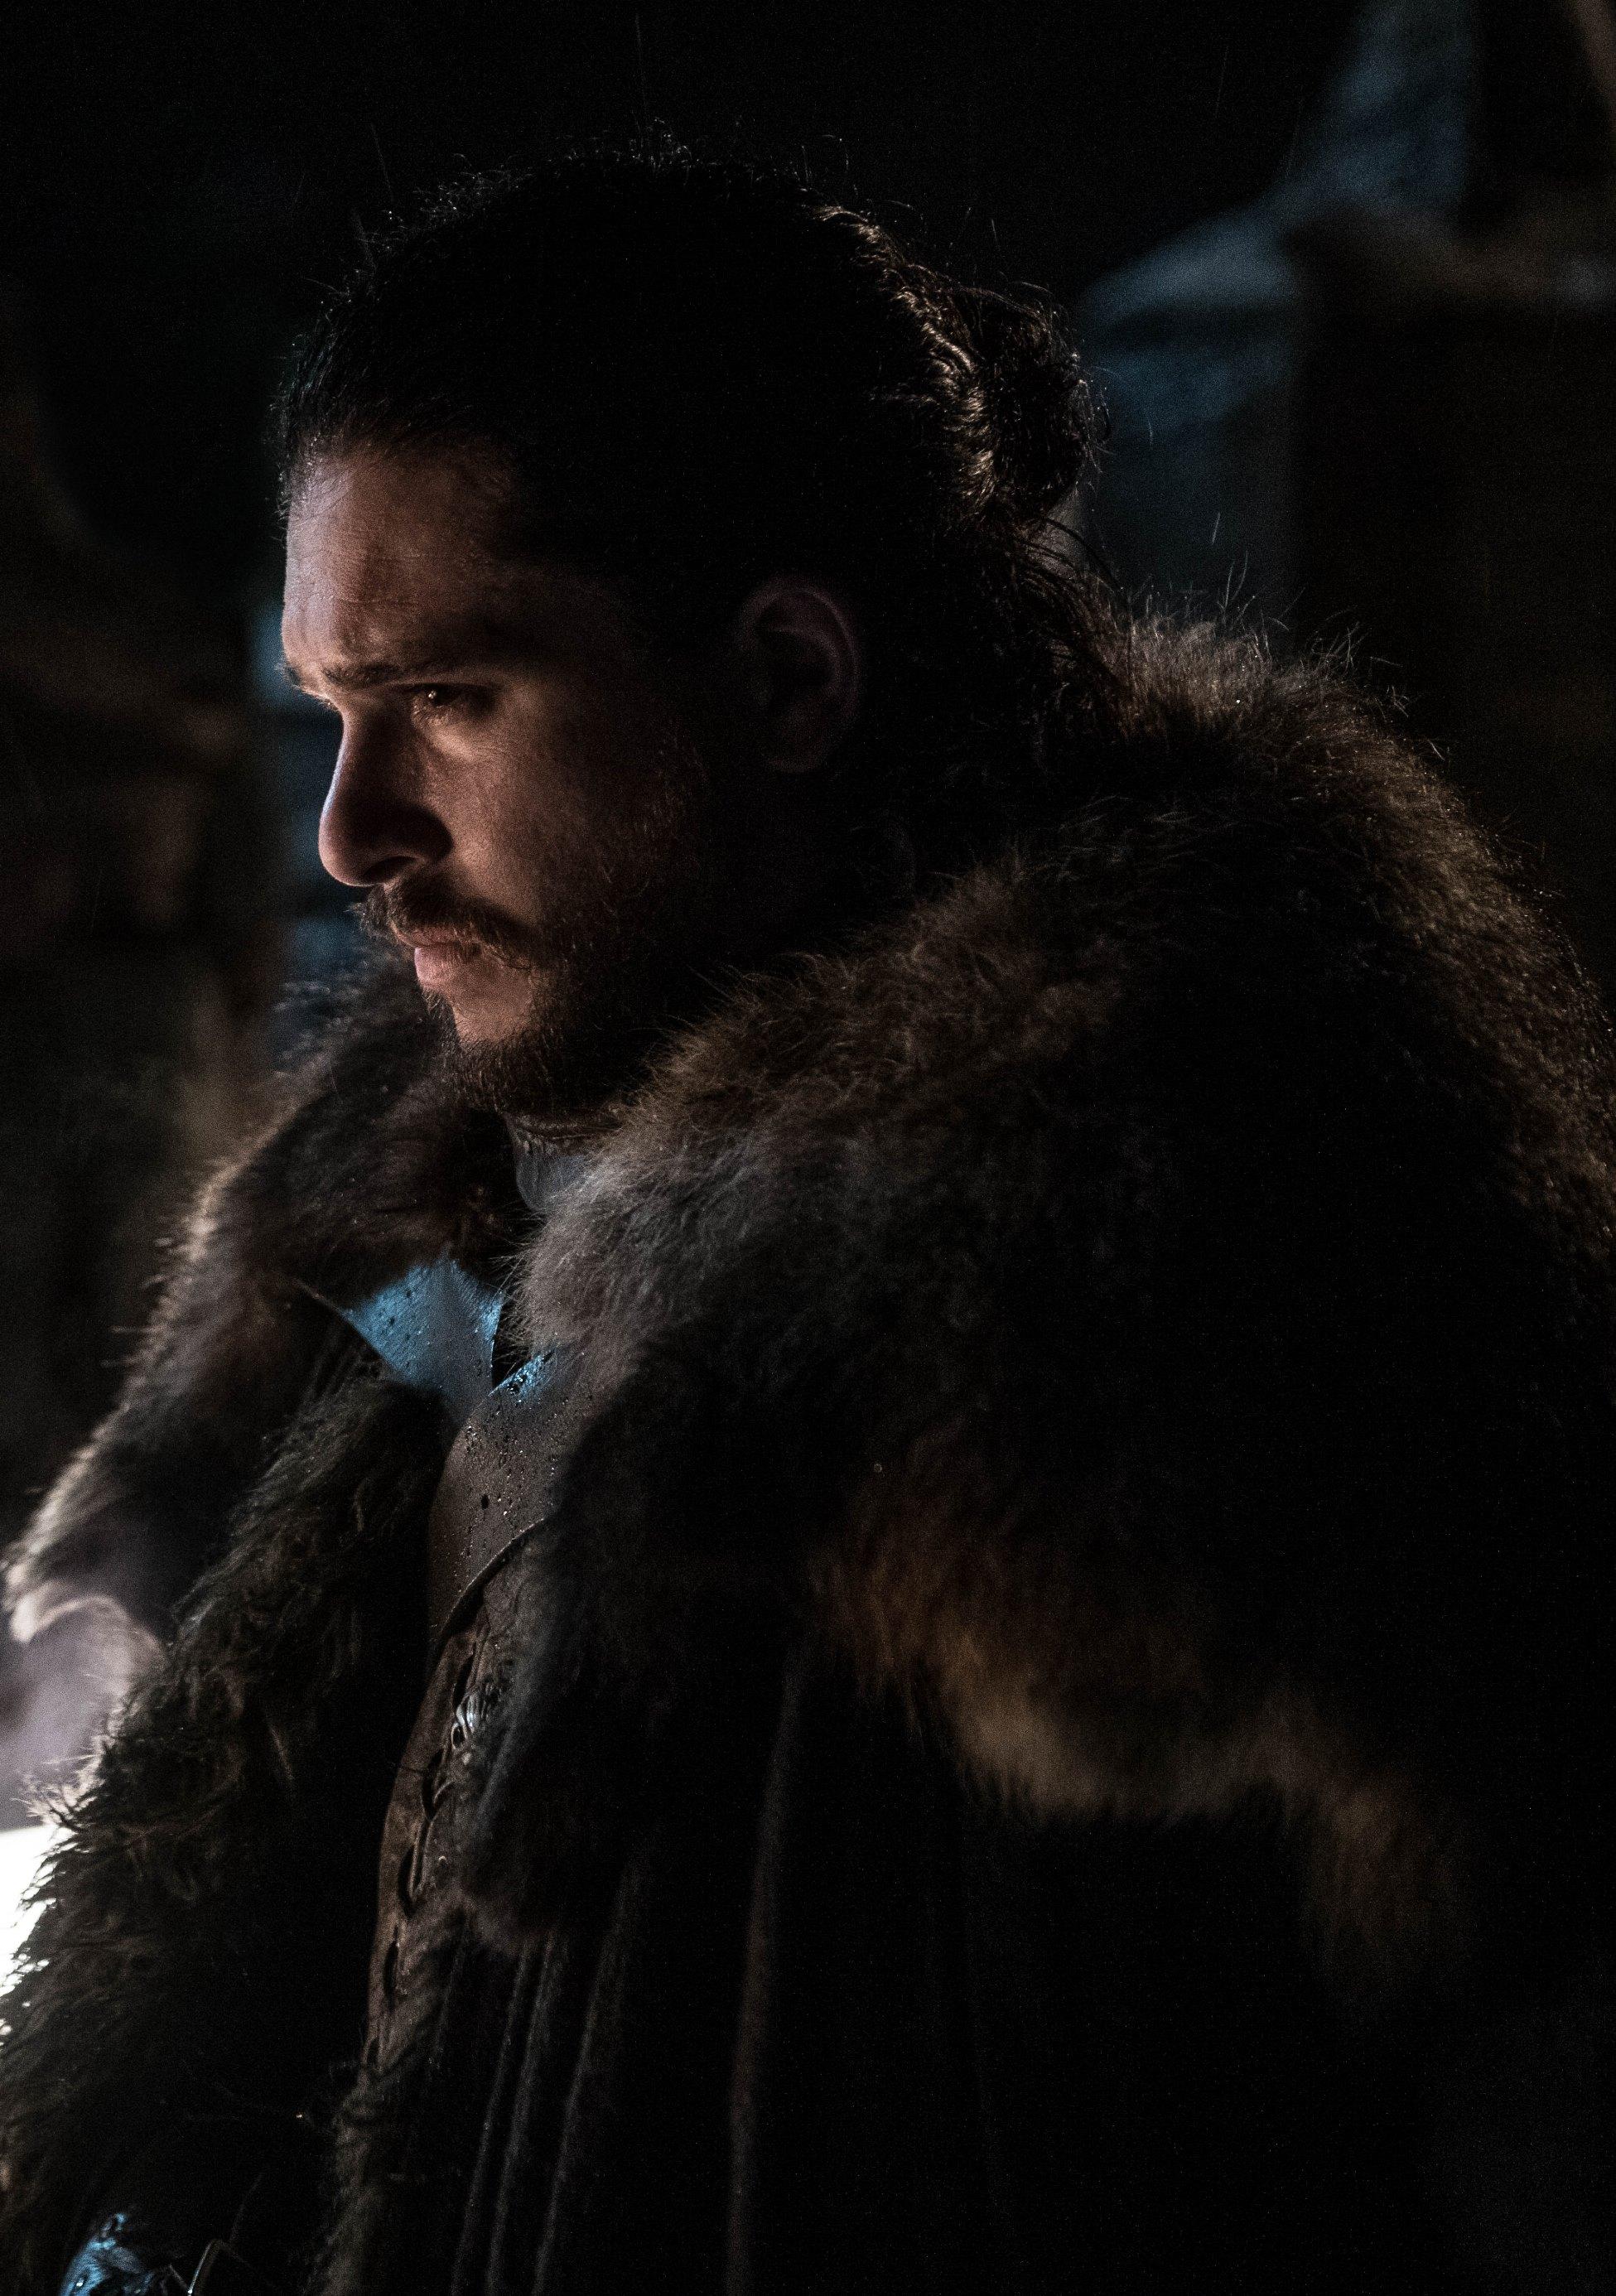 Il trono di spade: Kit Harington in una scena della ottava stagione